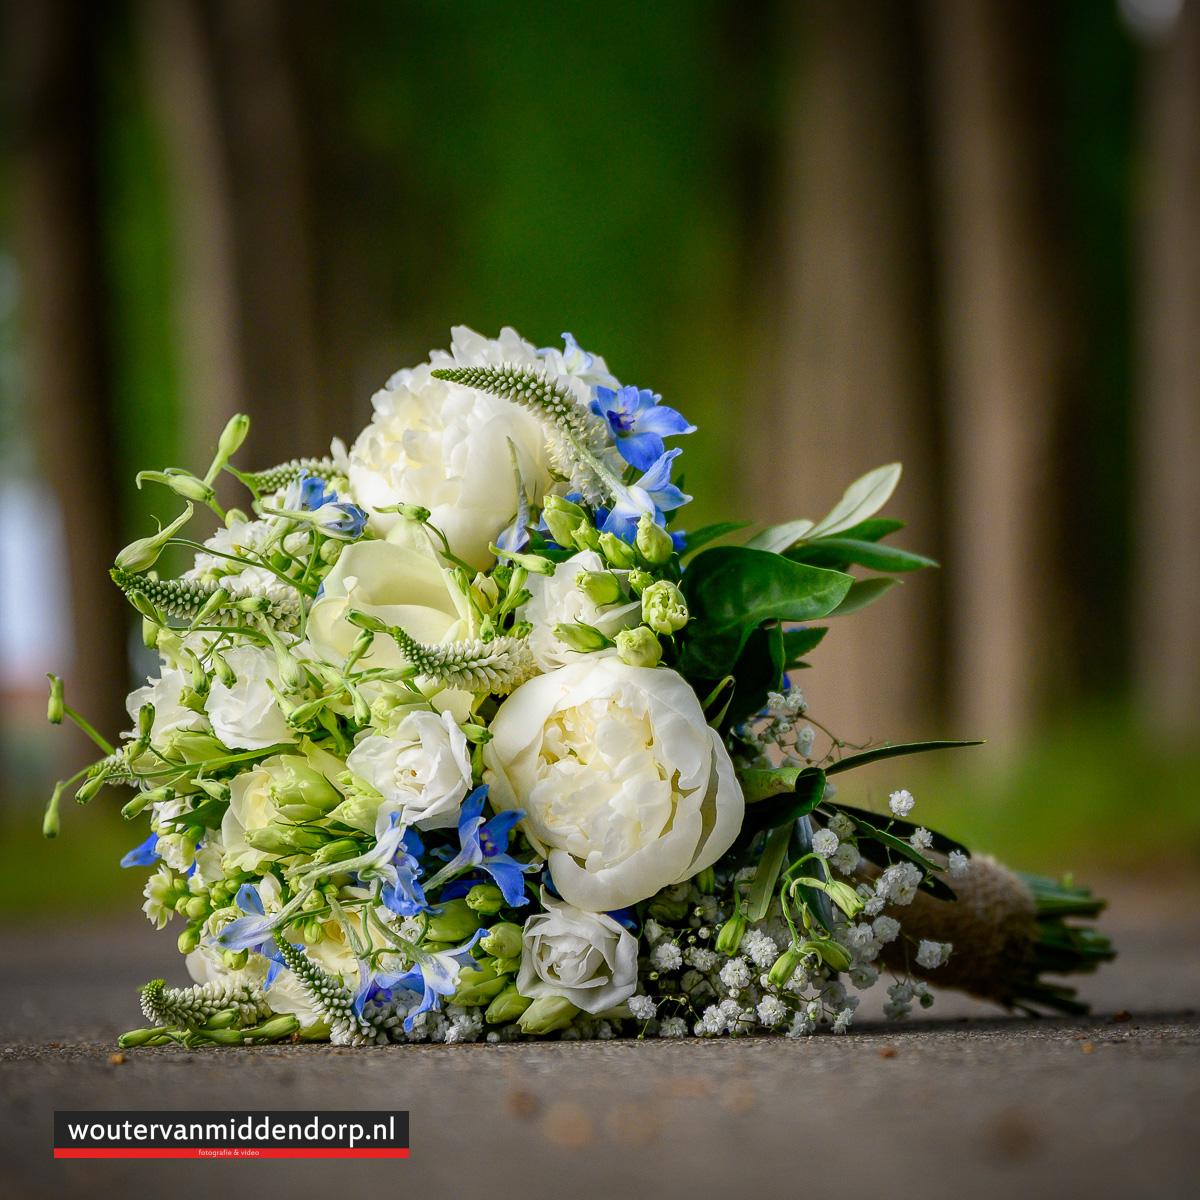 fotograaf Wouter van Middendorp, omgeving Nunspeet, Barneveld, kesteren, bruidsfotografie (364)